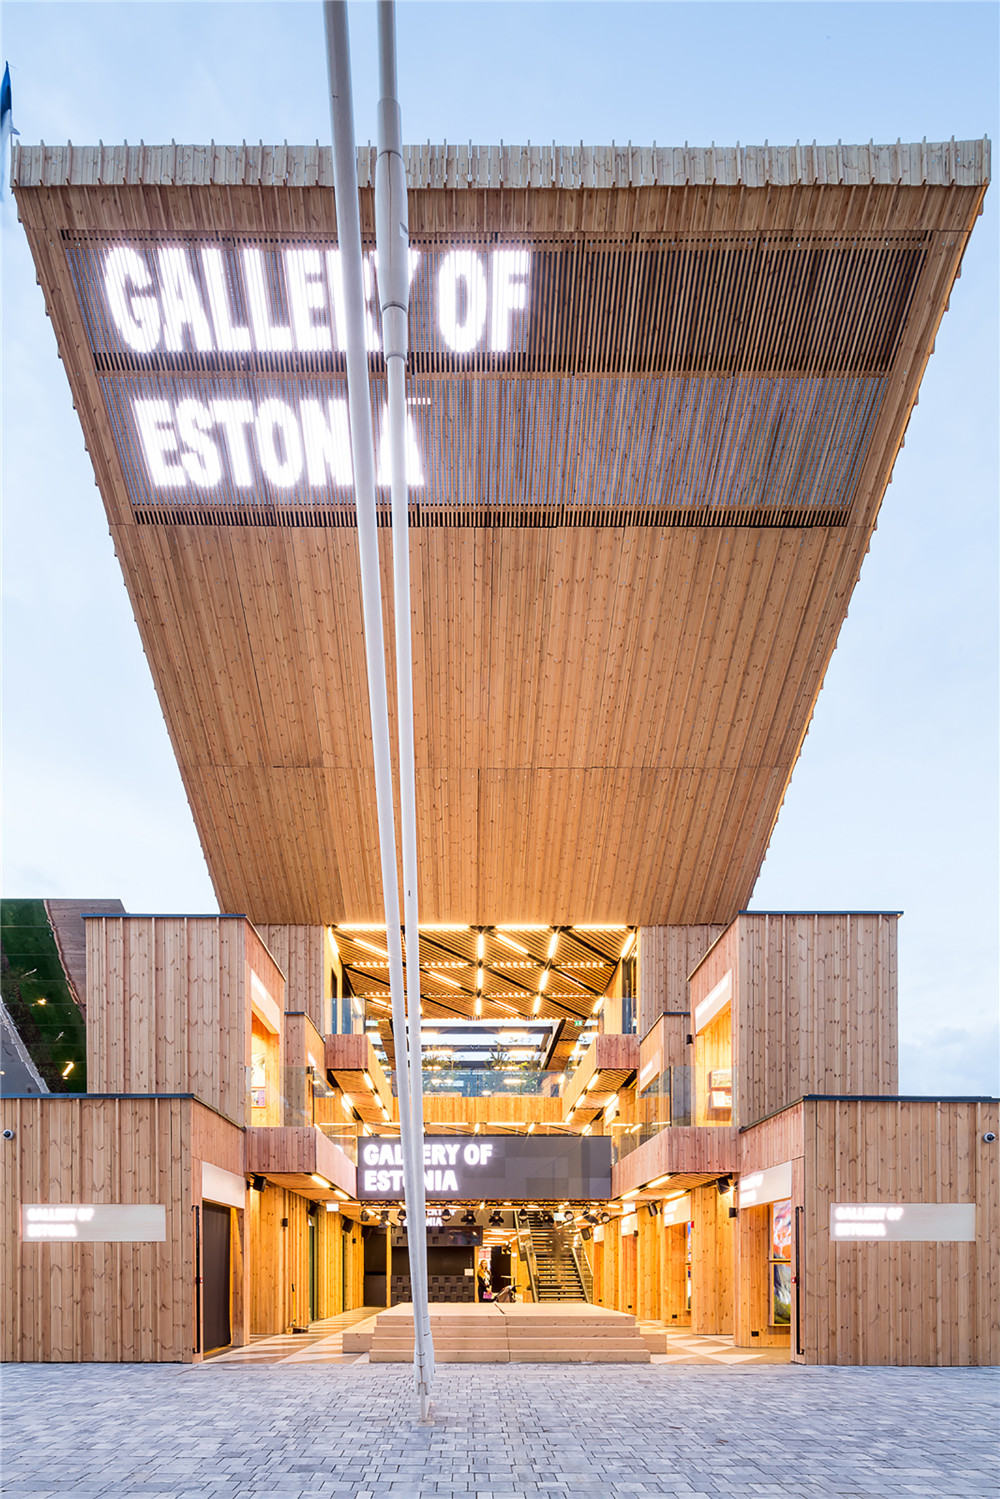 estonian-pavilion-hisheji (6)